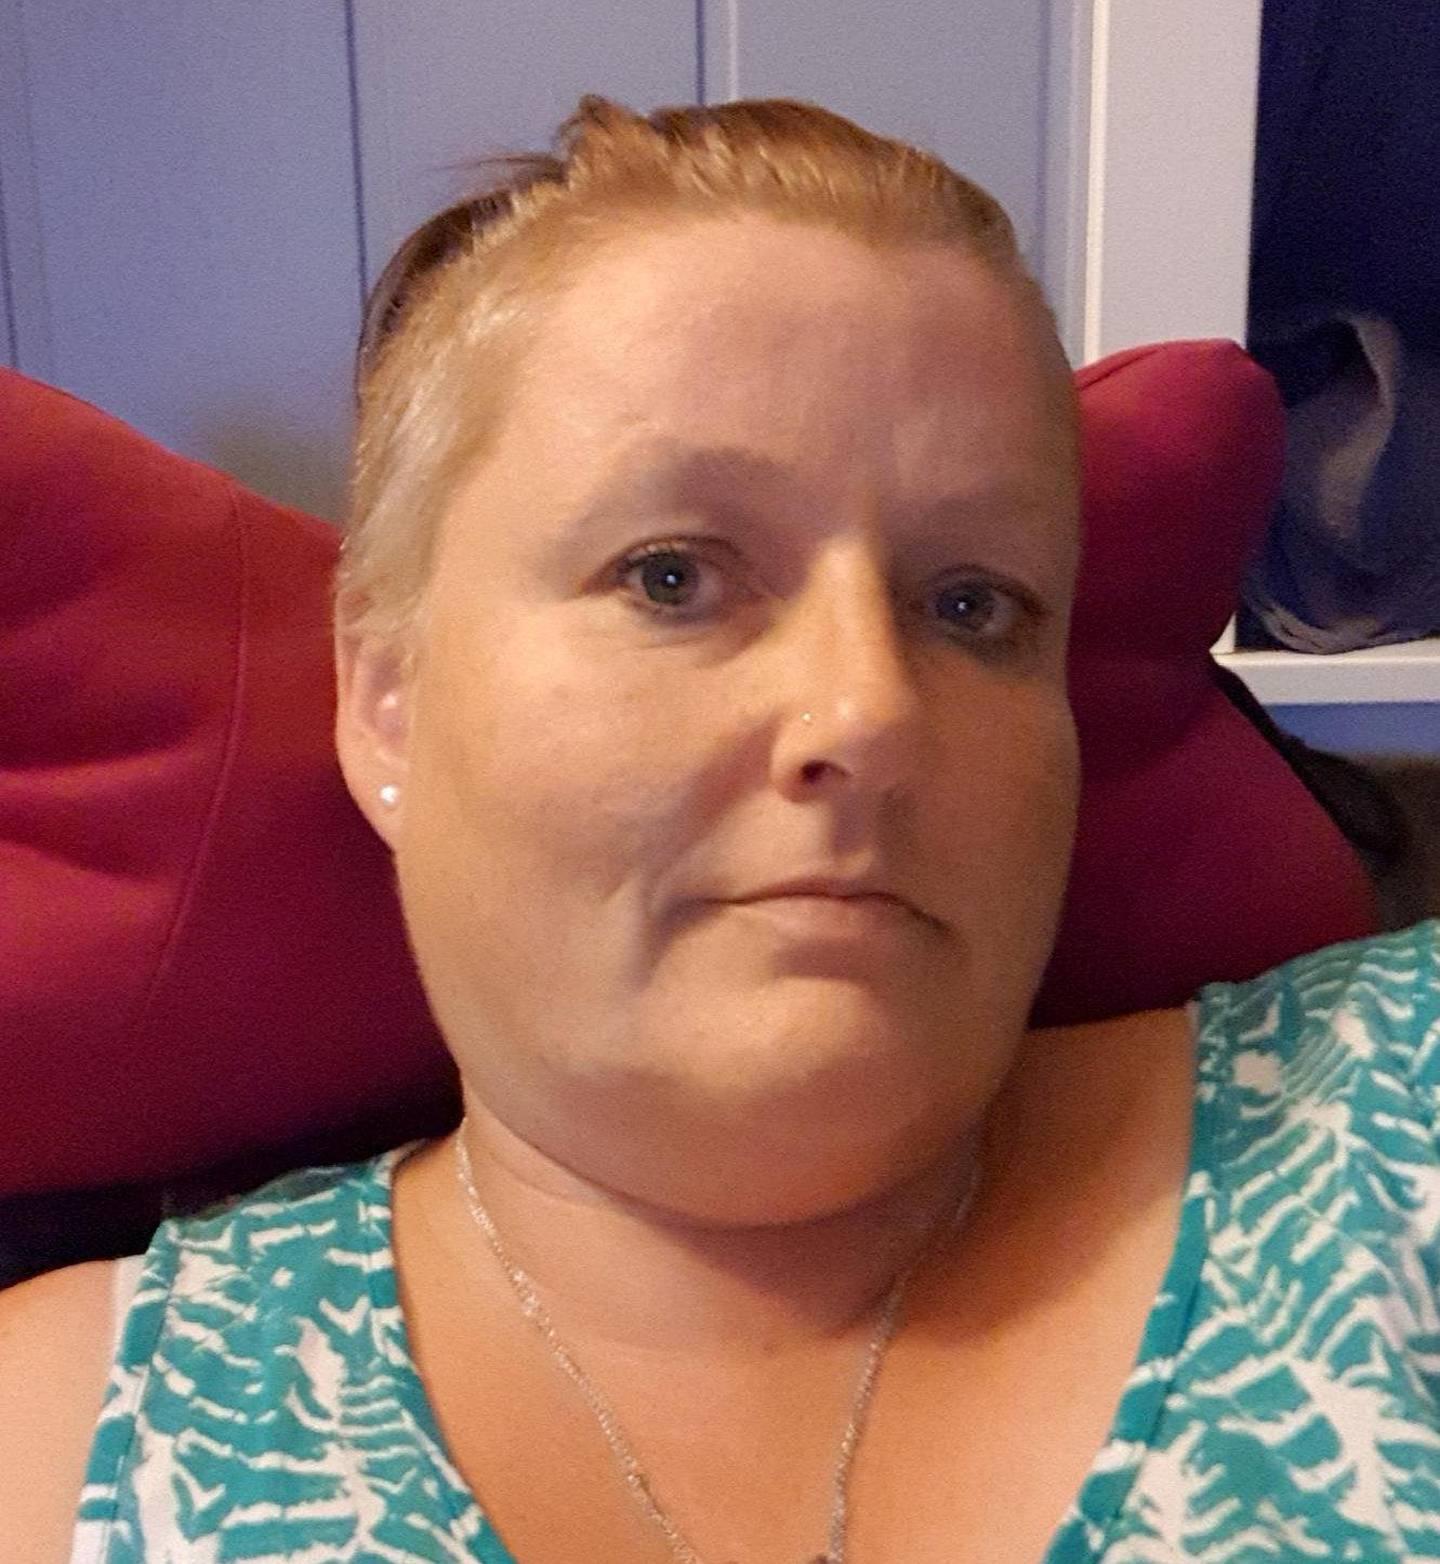 Mette Helen Falk Sivertsen er uføretrygdet og har ikke råd til å reparere tennene.